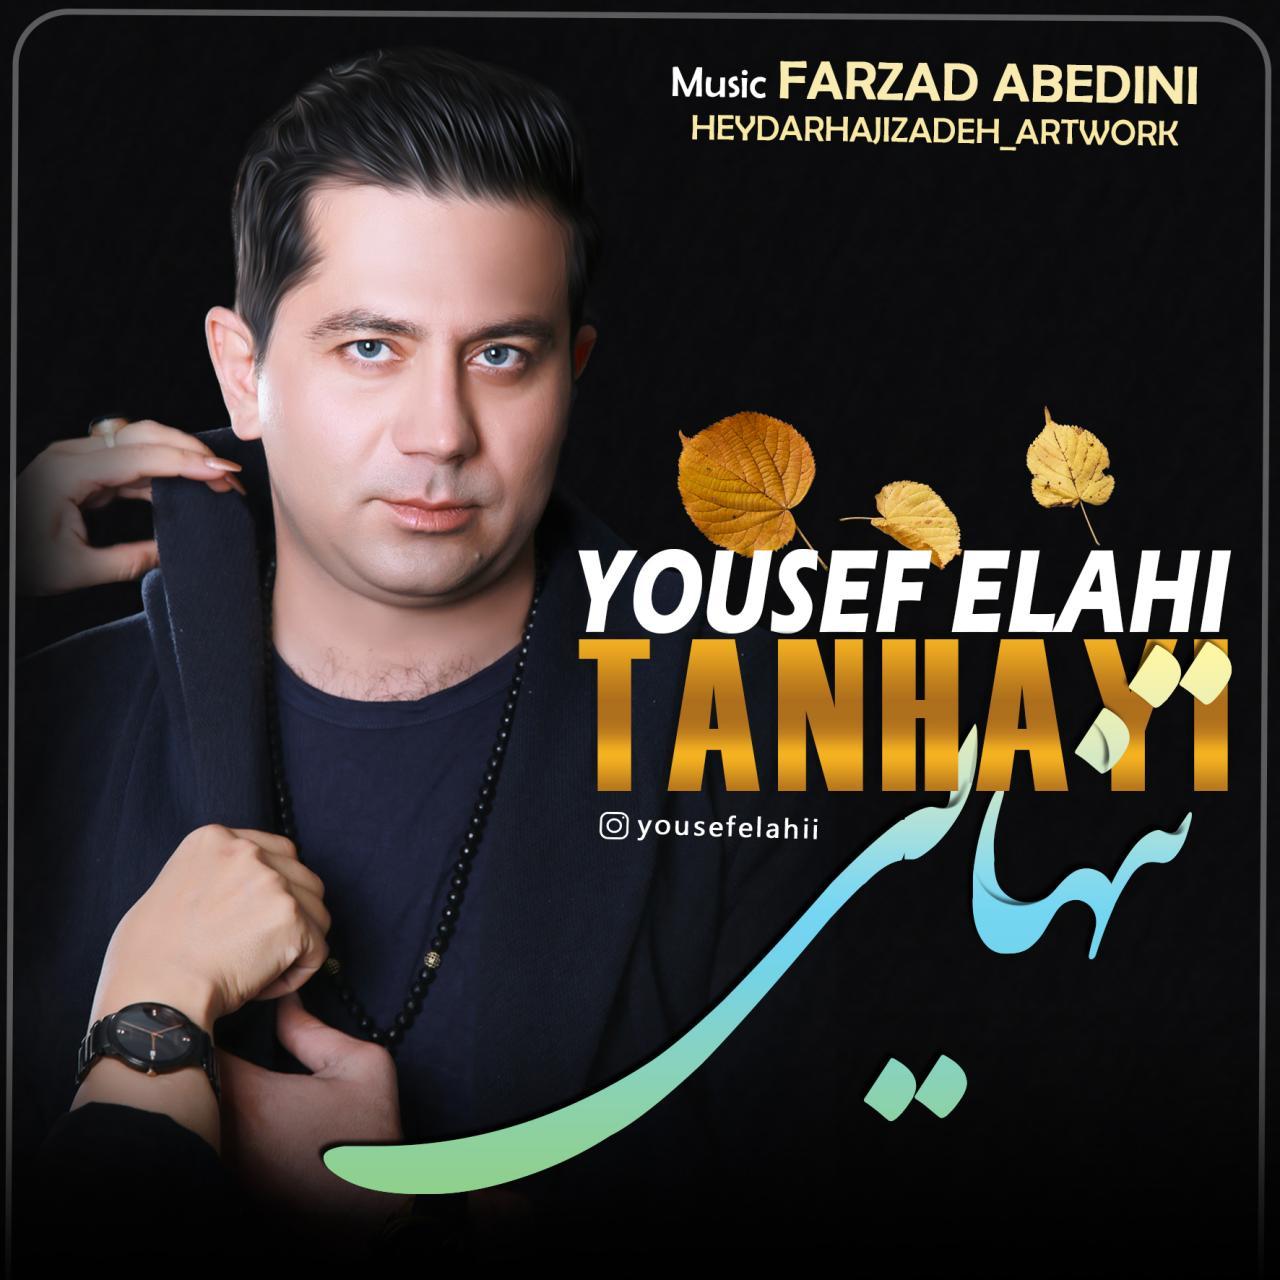 Yousef Elahi – Tanhayi